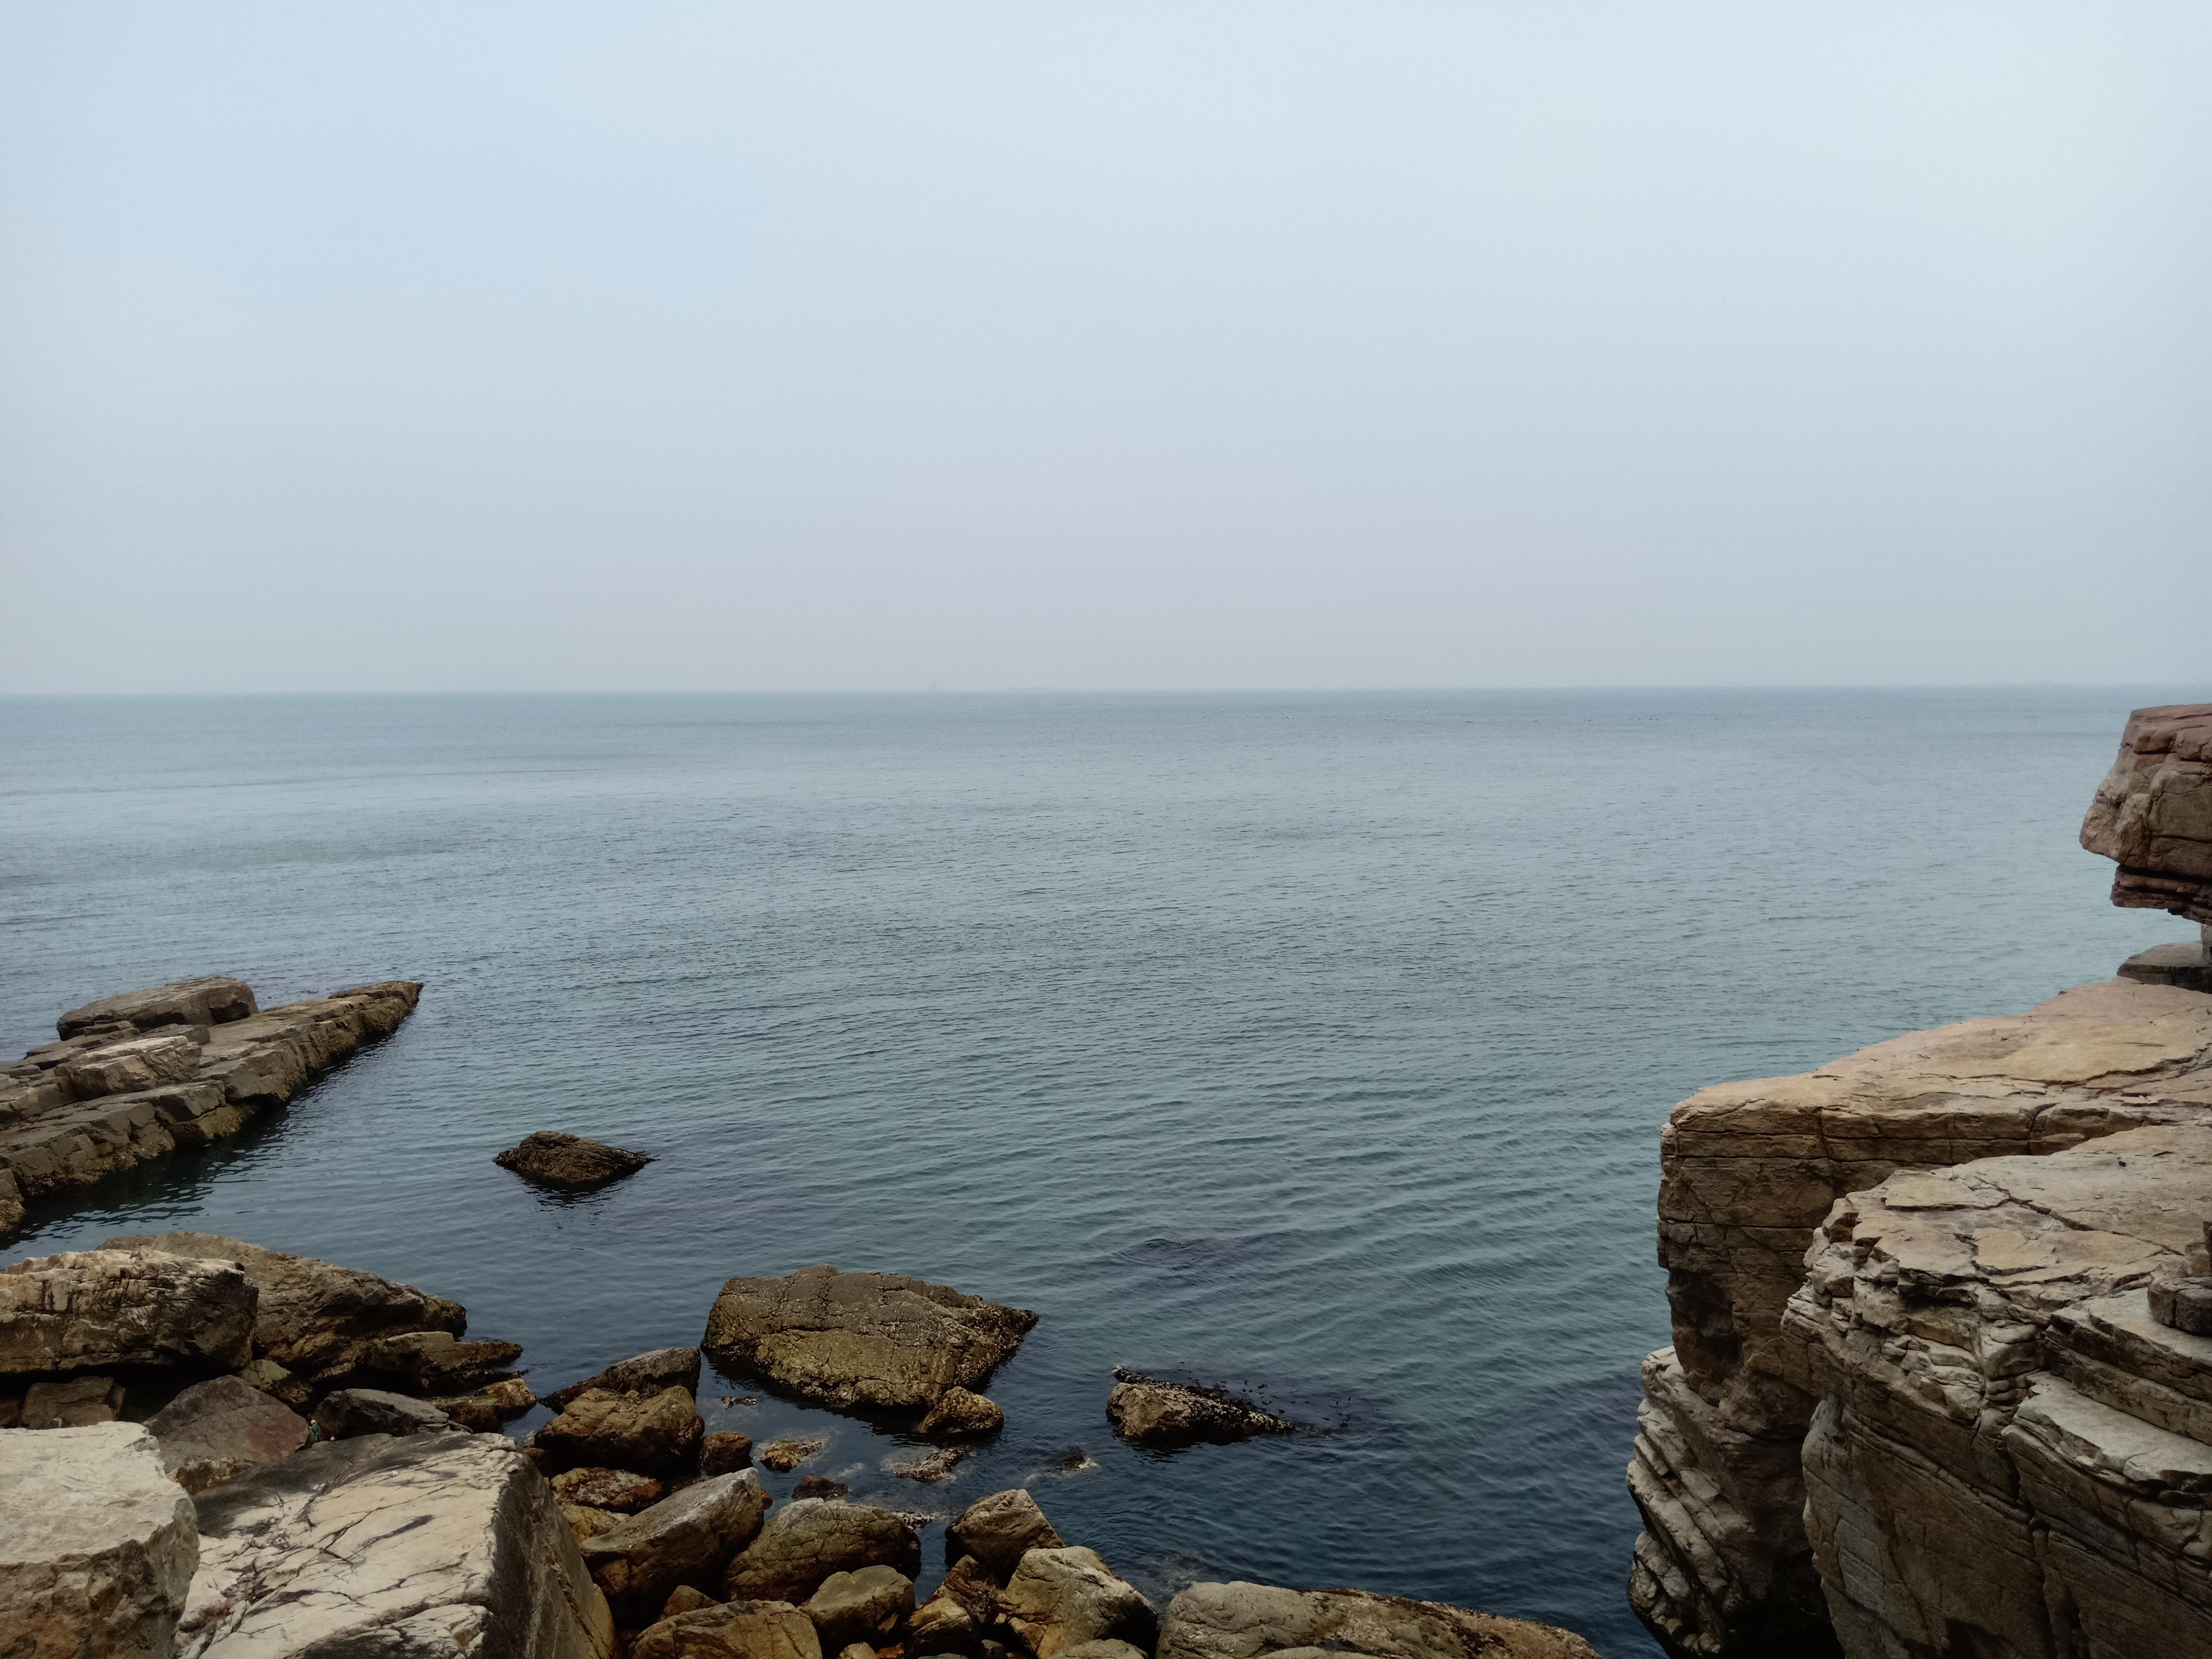 """【""""向往""""的海岛】仙境蓬莱、文成城堡、大黑山岛、赶海、观日落、庙岛/体验海岛""""向往""""生活三日游"""